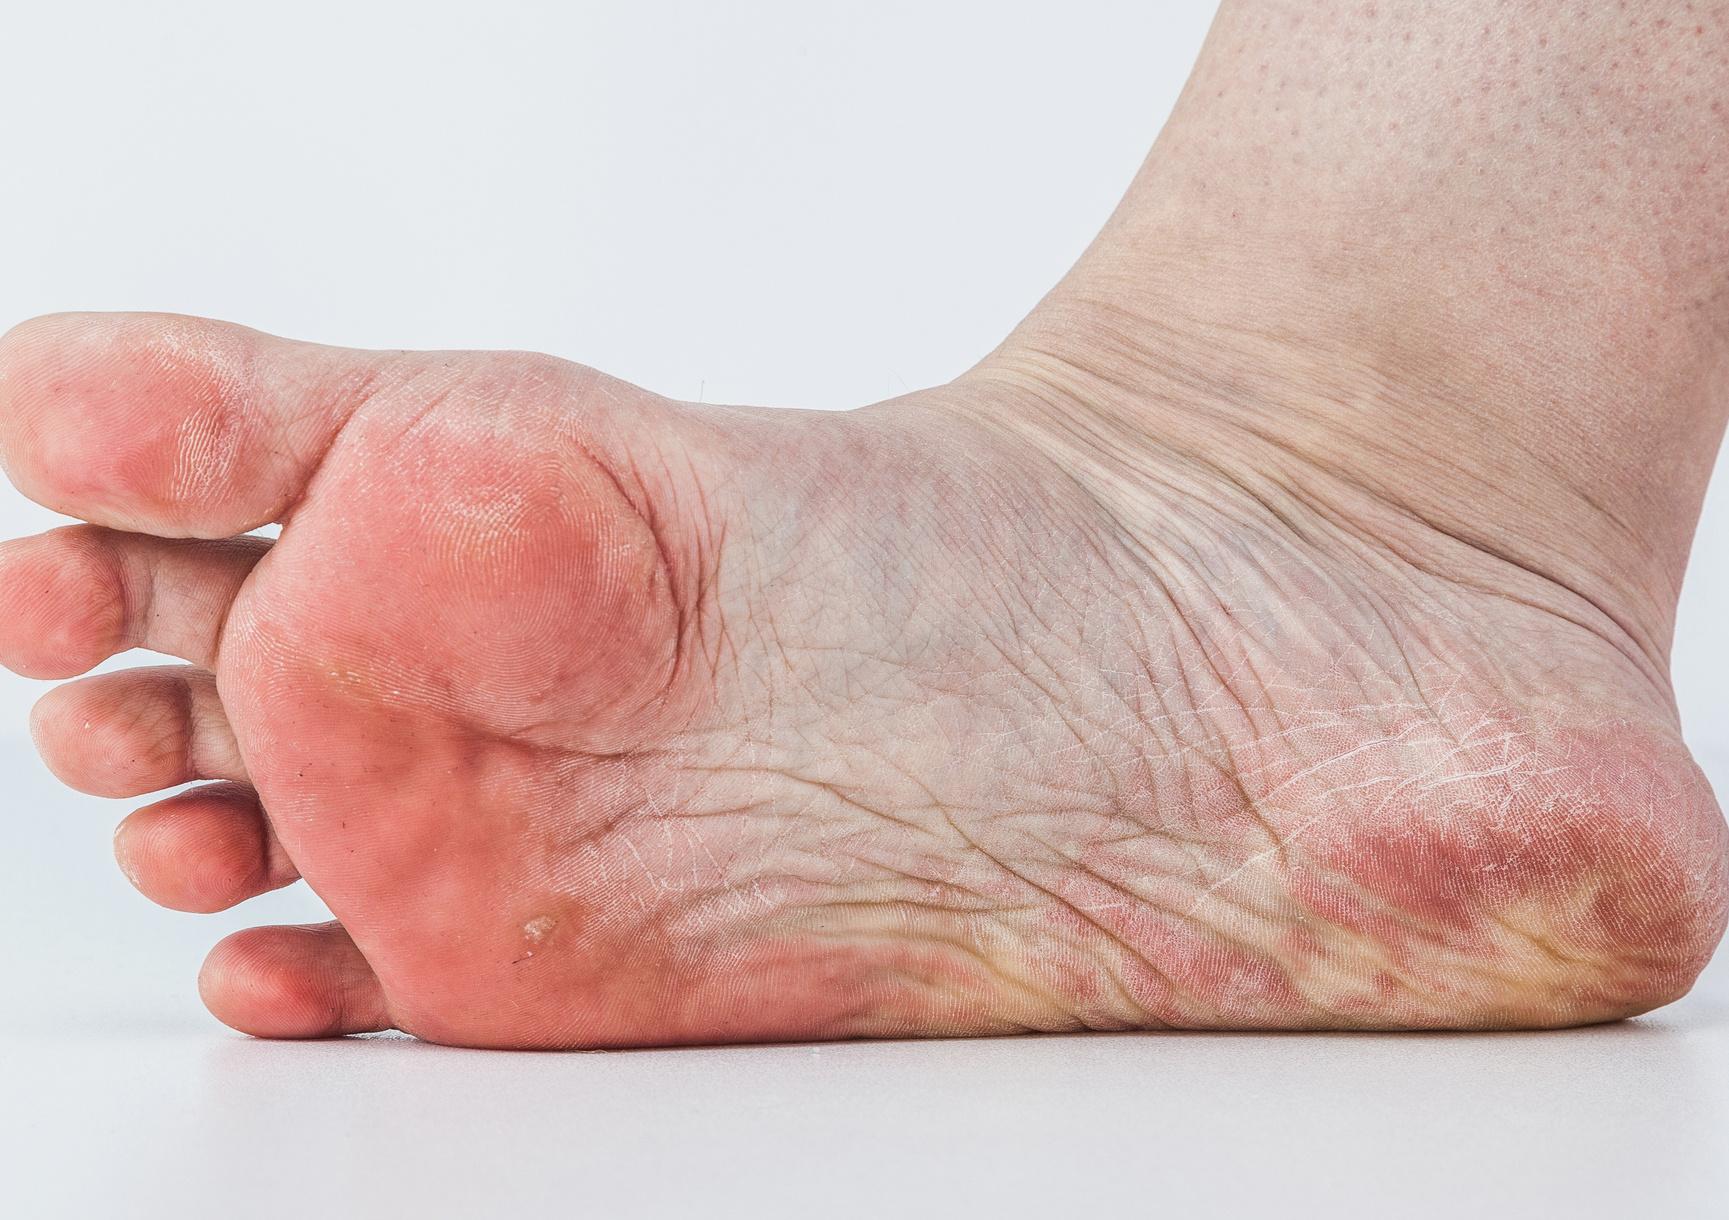 vörös foltok a lábakon a cipőtől